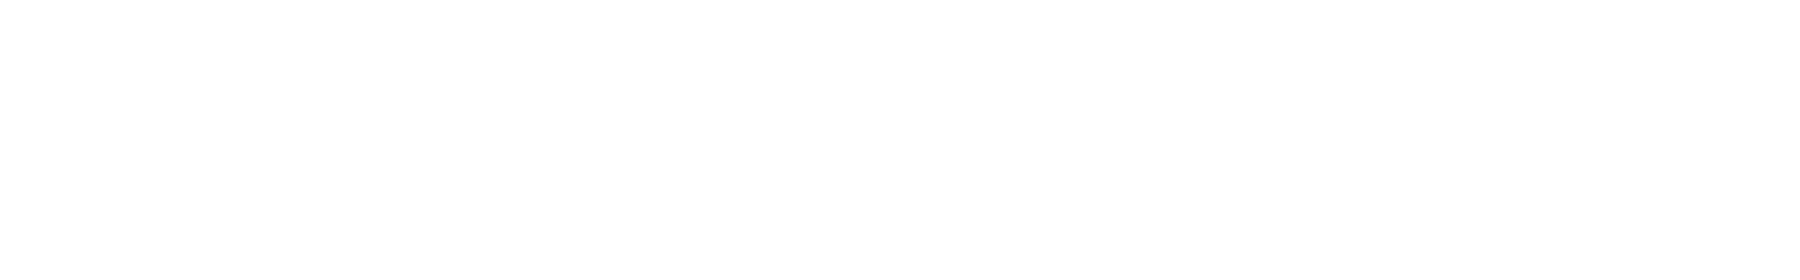 ehp percloop 127 08